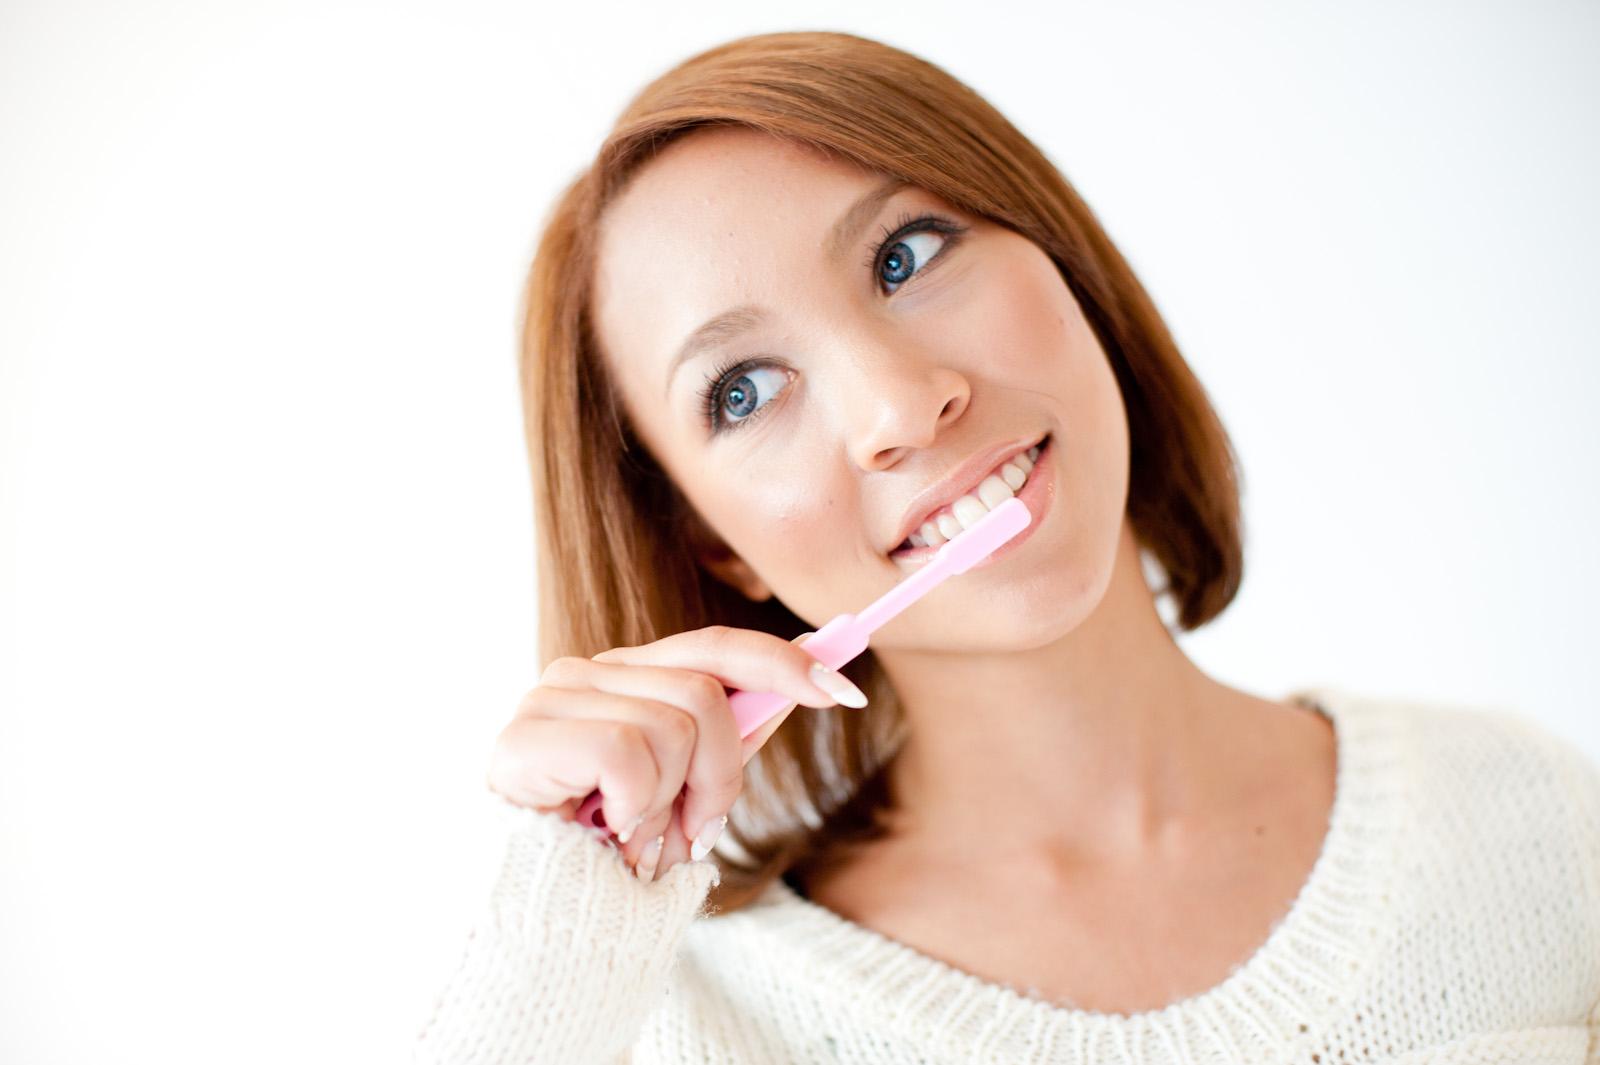 虫歯の予防と原因、歯磨きにかける時間ランキングは?